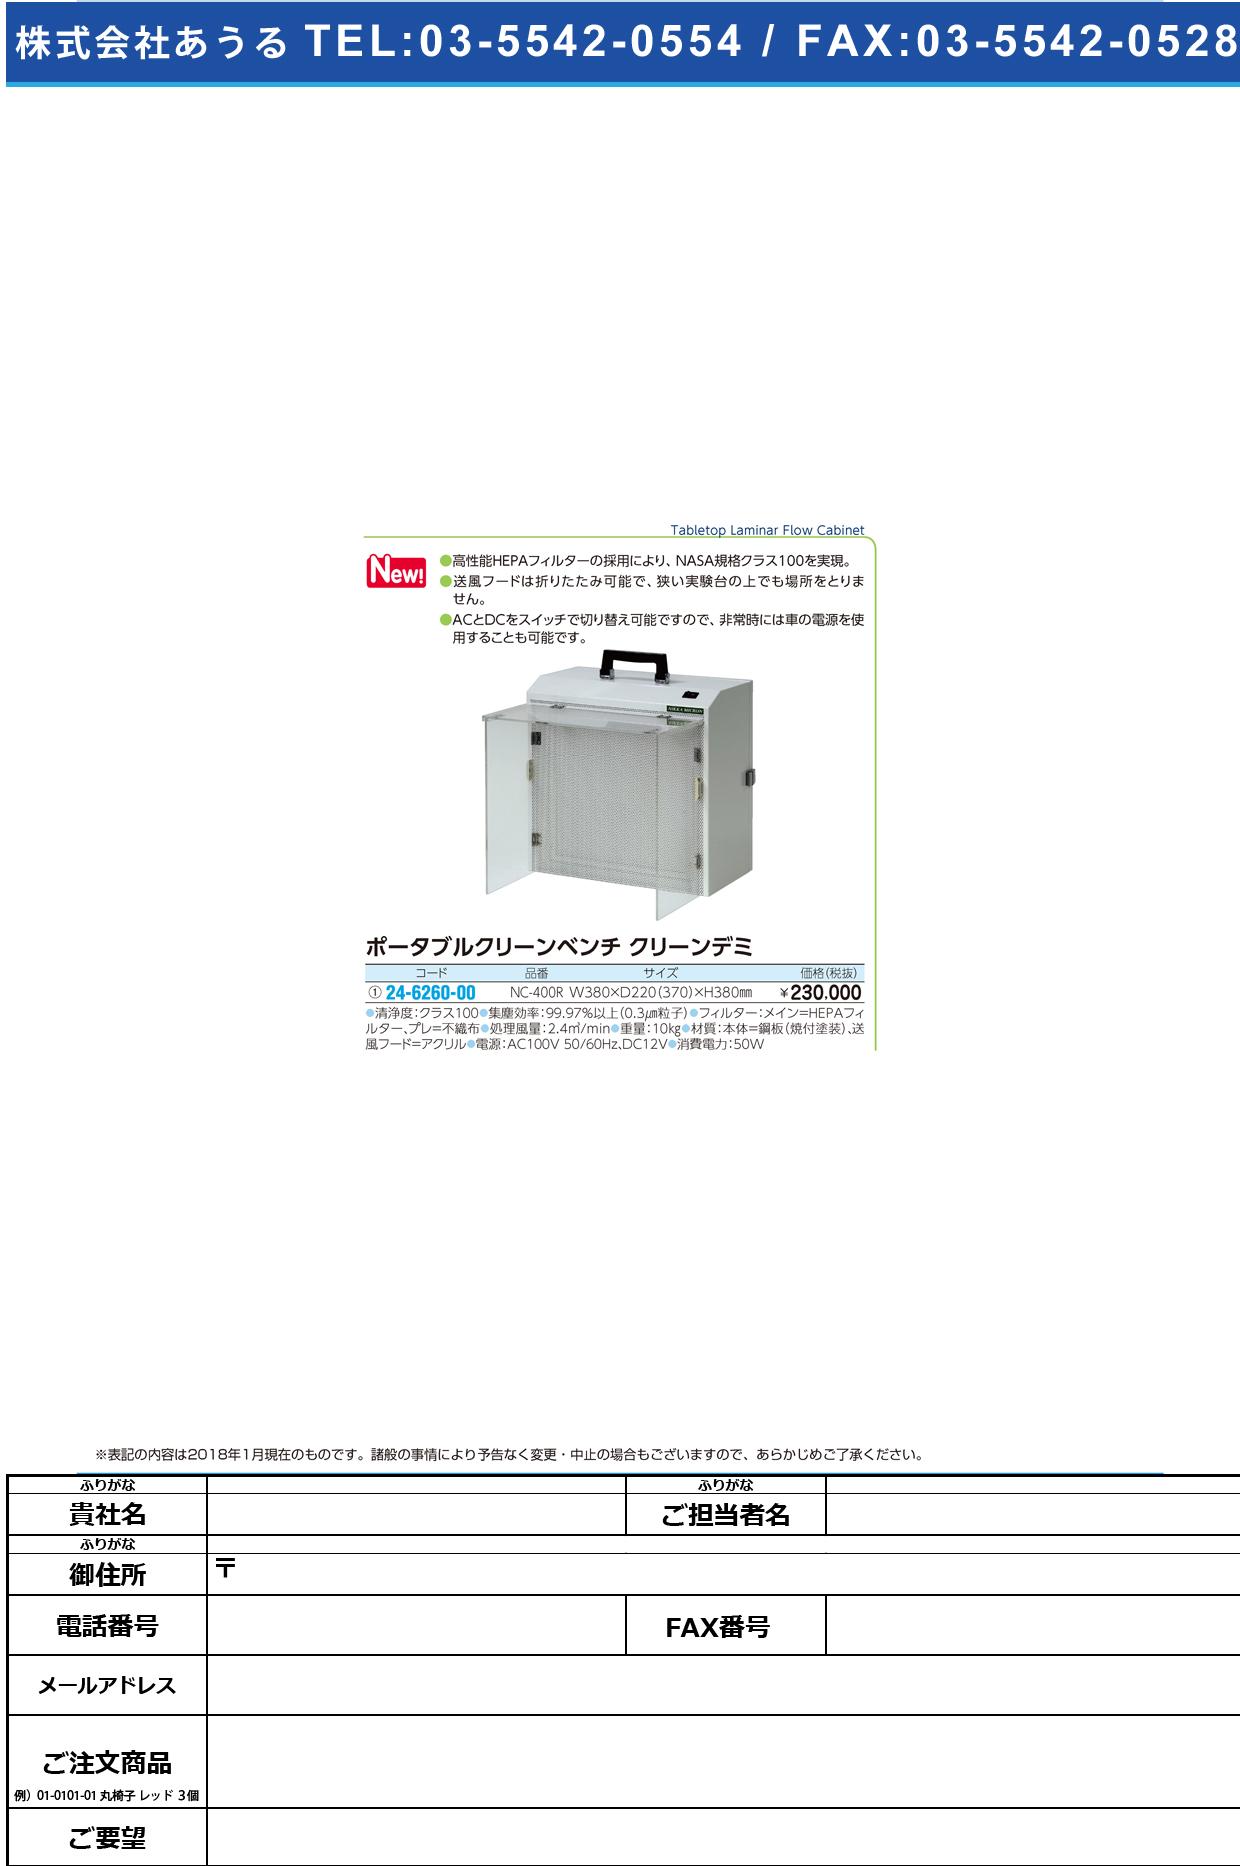 (24-6260-00)ポータブルクリーンベンチクリーンデミ NC-400R ポータブルクリーンベンチ【1台単位】【2018年カタログ商品】